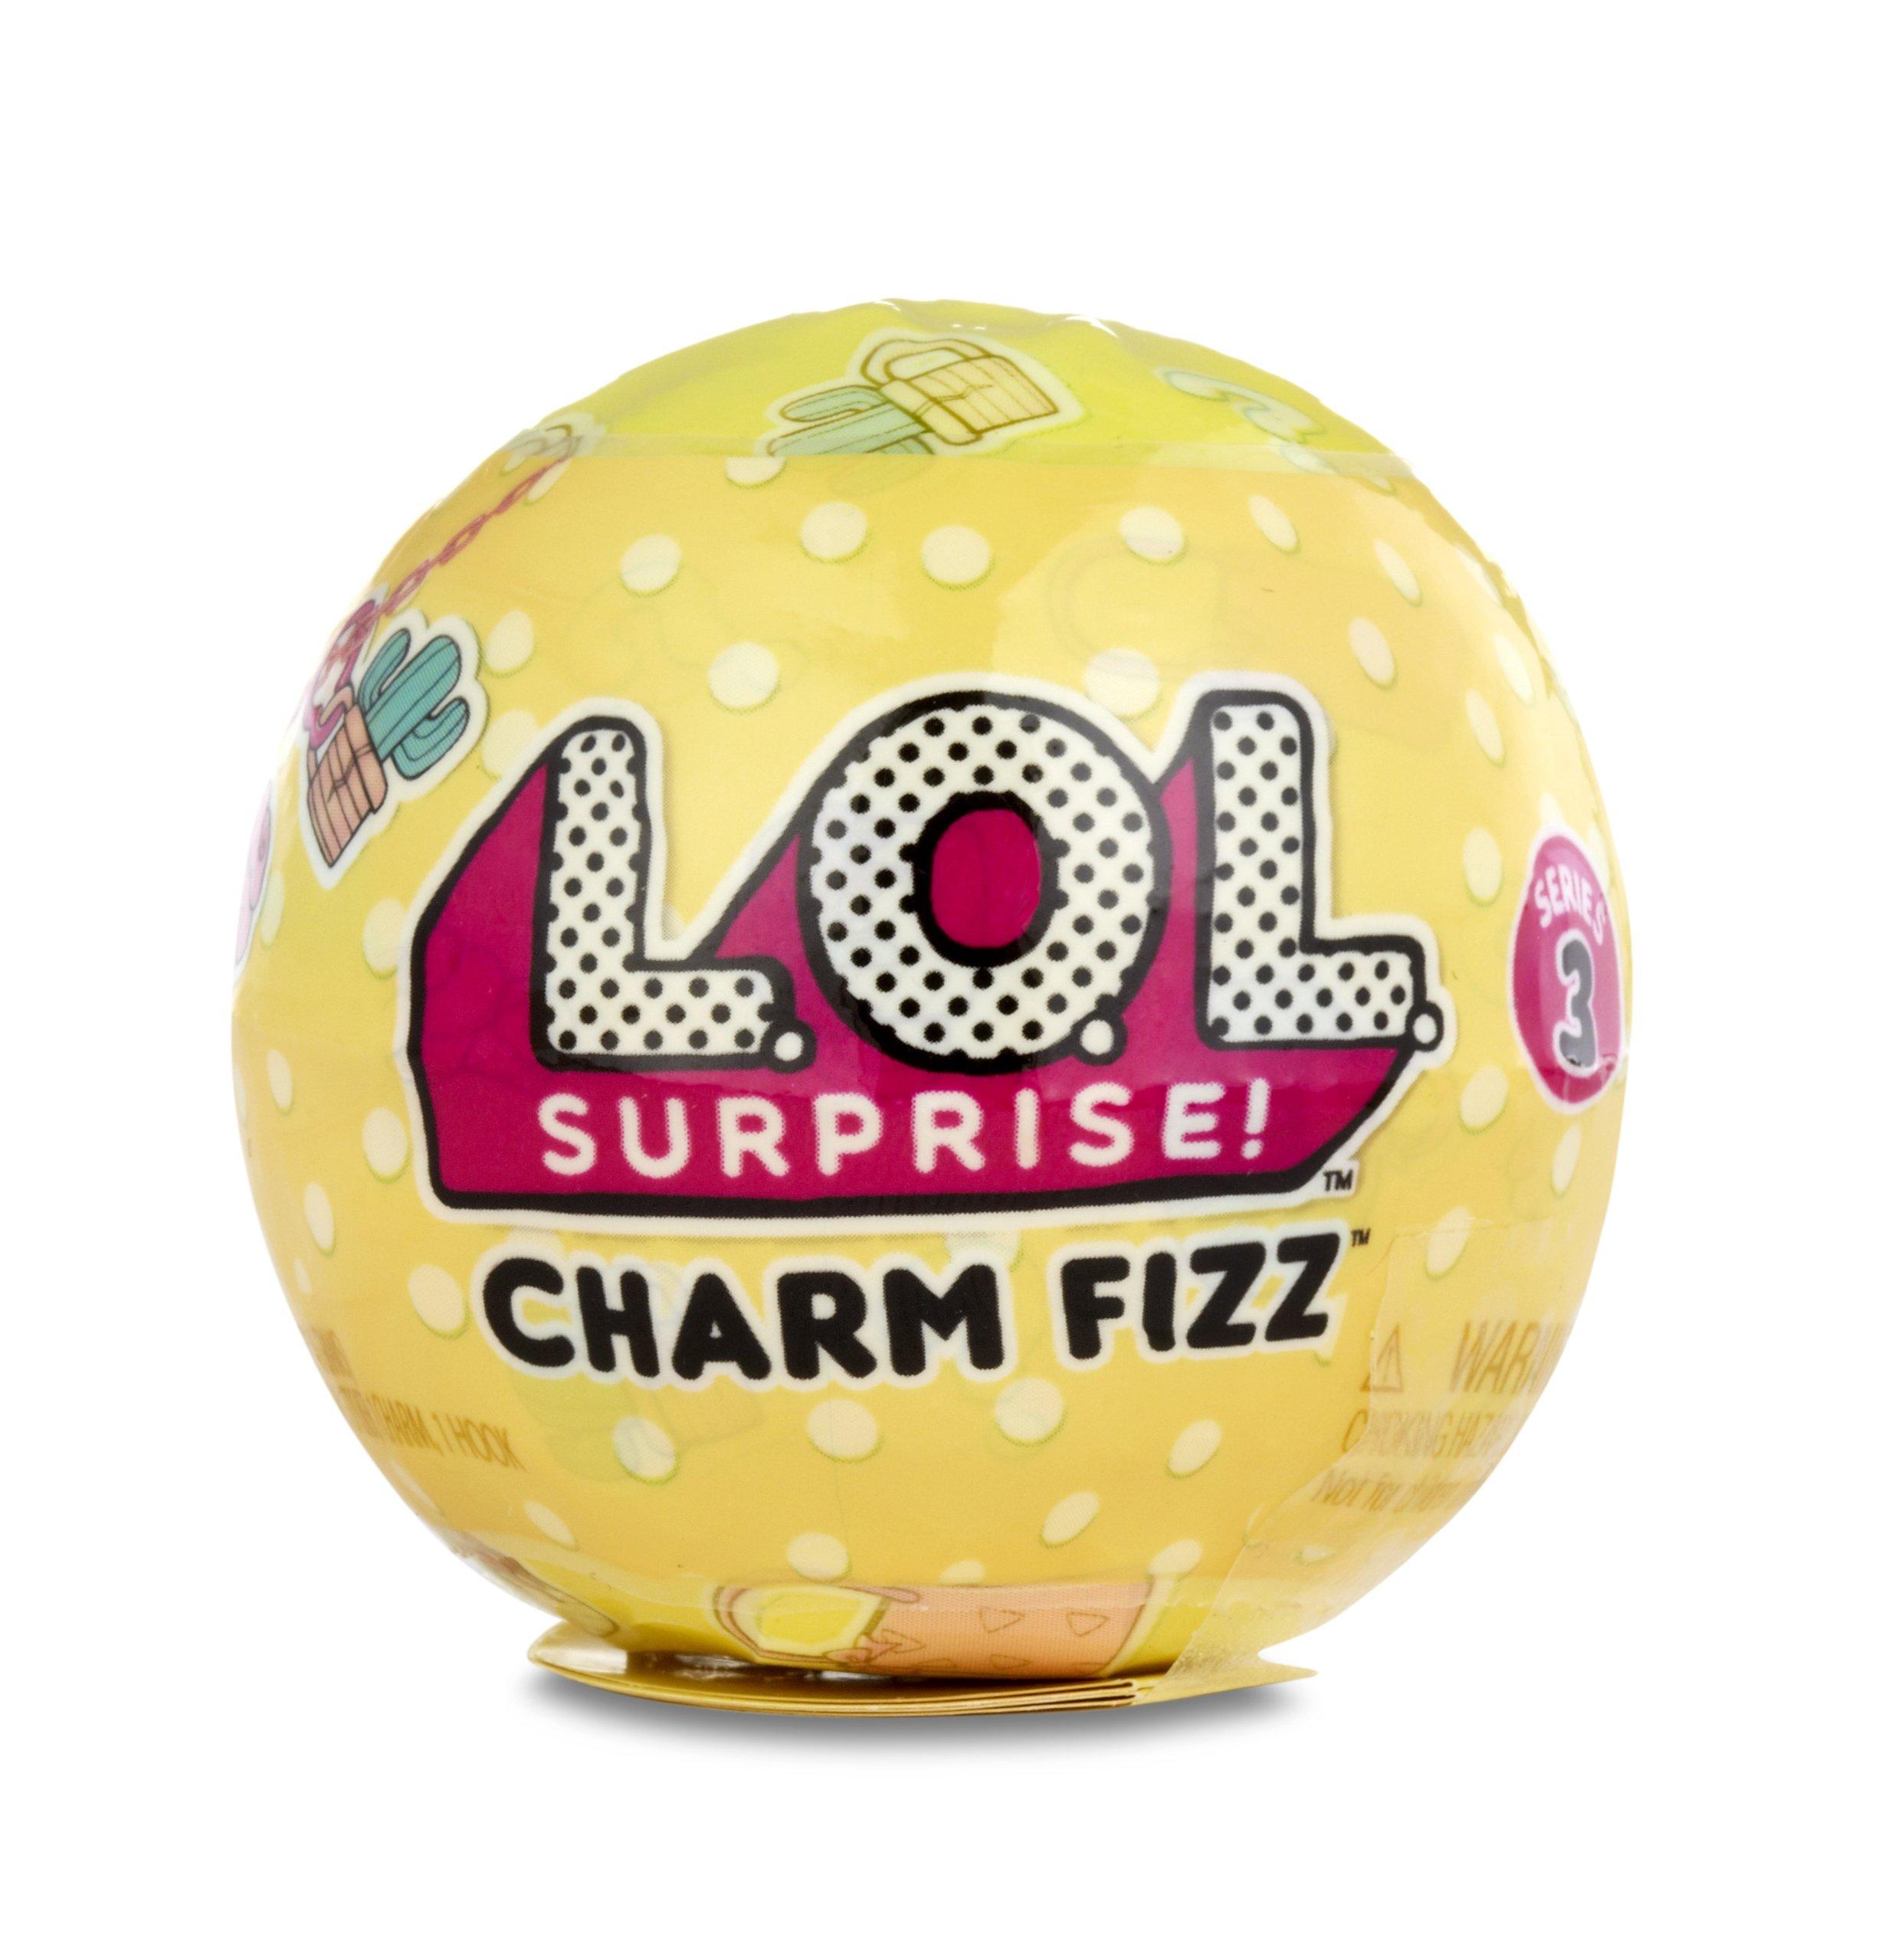 MGA Entertainment L.O.L. Surprise! Fizz Series 3 (7L) Conjunto de Accesorios para muñecas - Accesorios para muñecas (Conjunto de Accesorios para muñecas,, Niño, Chica, 44,5 mm, 44,5 mm): Amazon.es: Juguetes y juegos